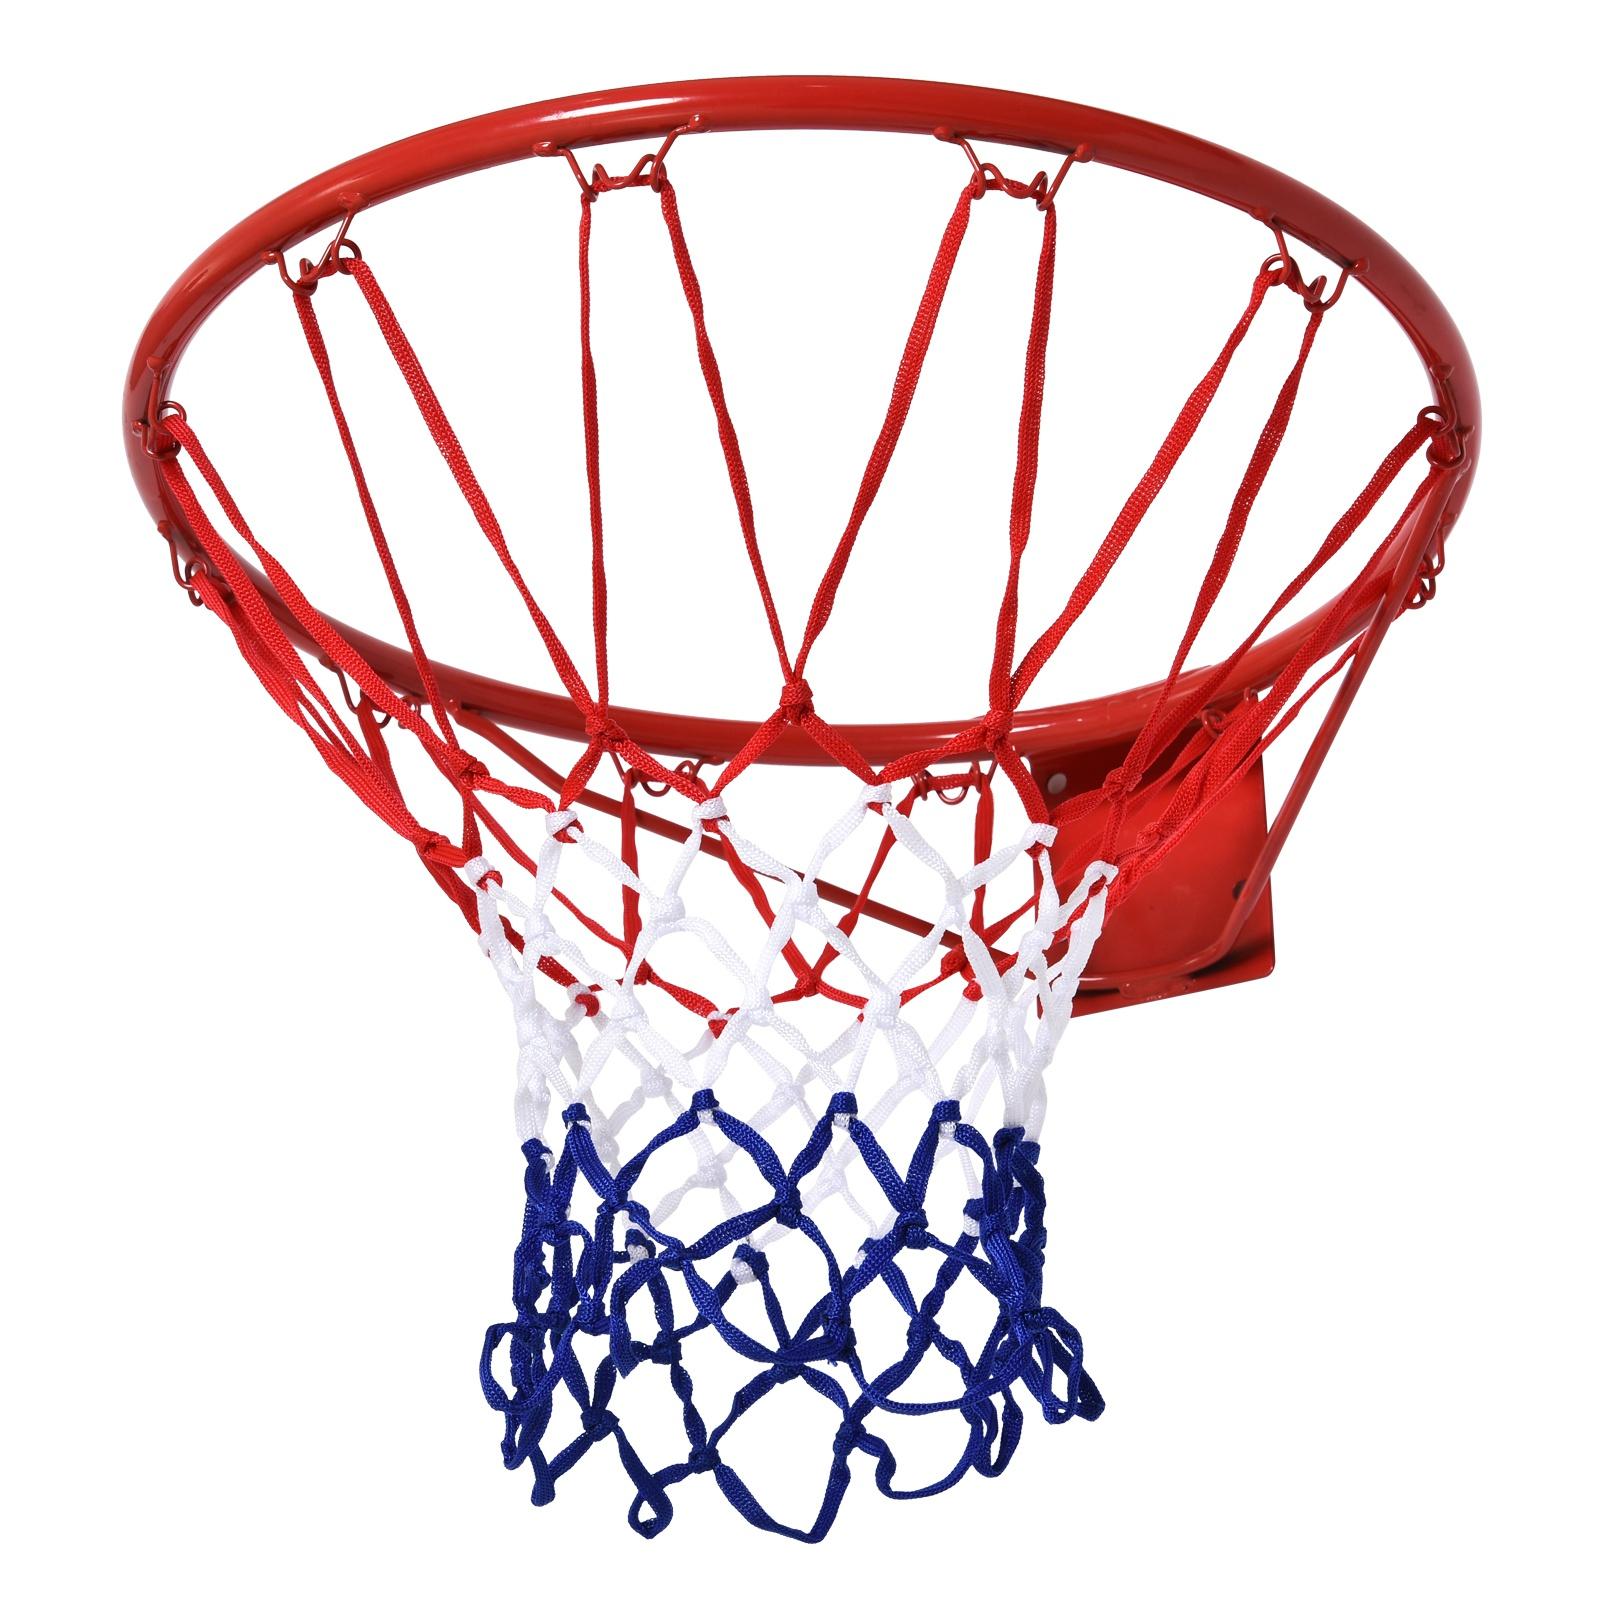 HOMCOM Plasa Cos de Basket cerc din metal plasa din nylon Φ46cm imagine aosom.ro